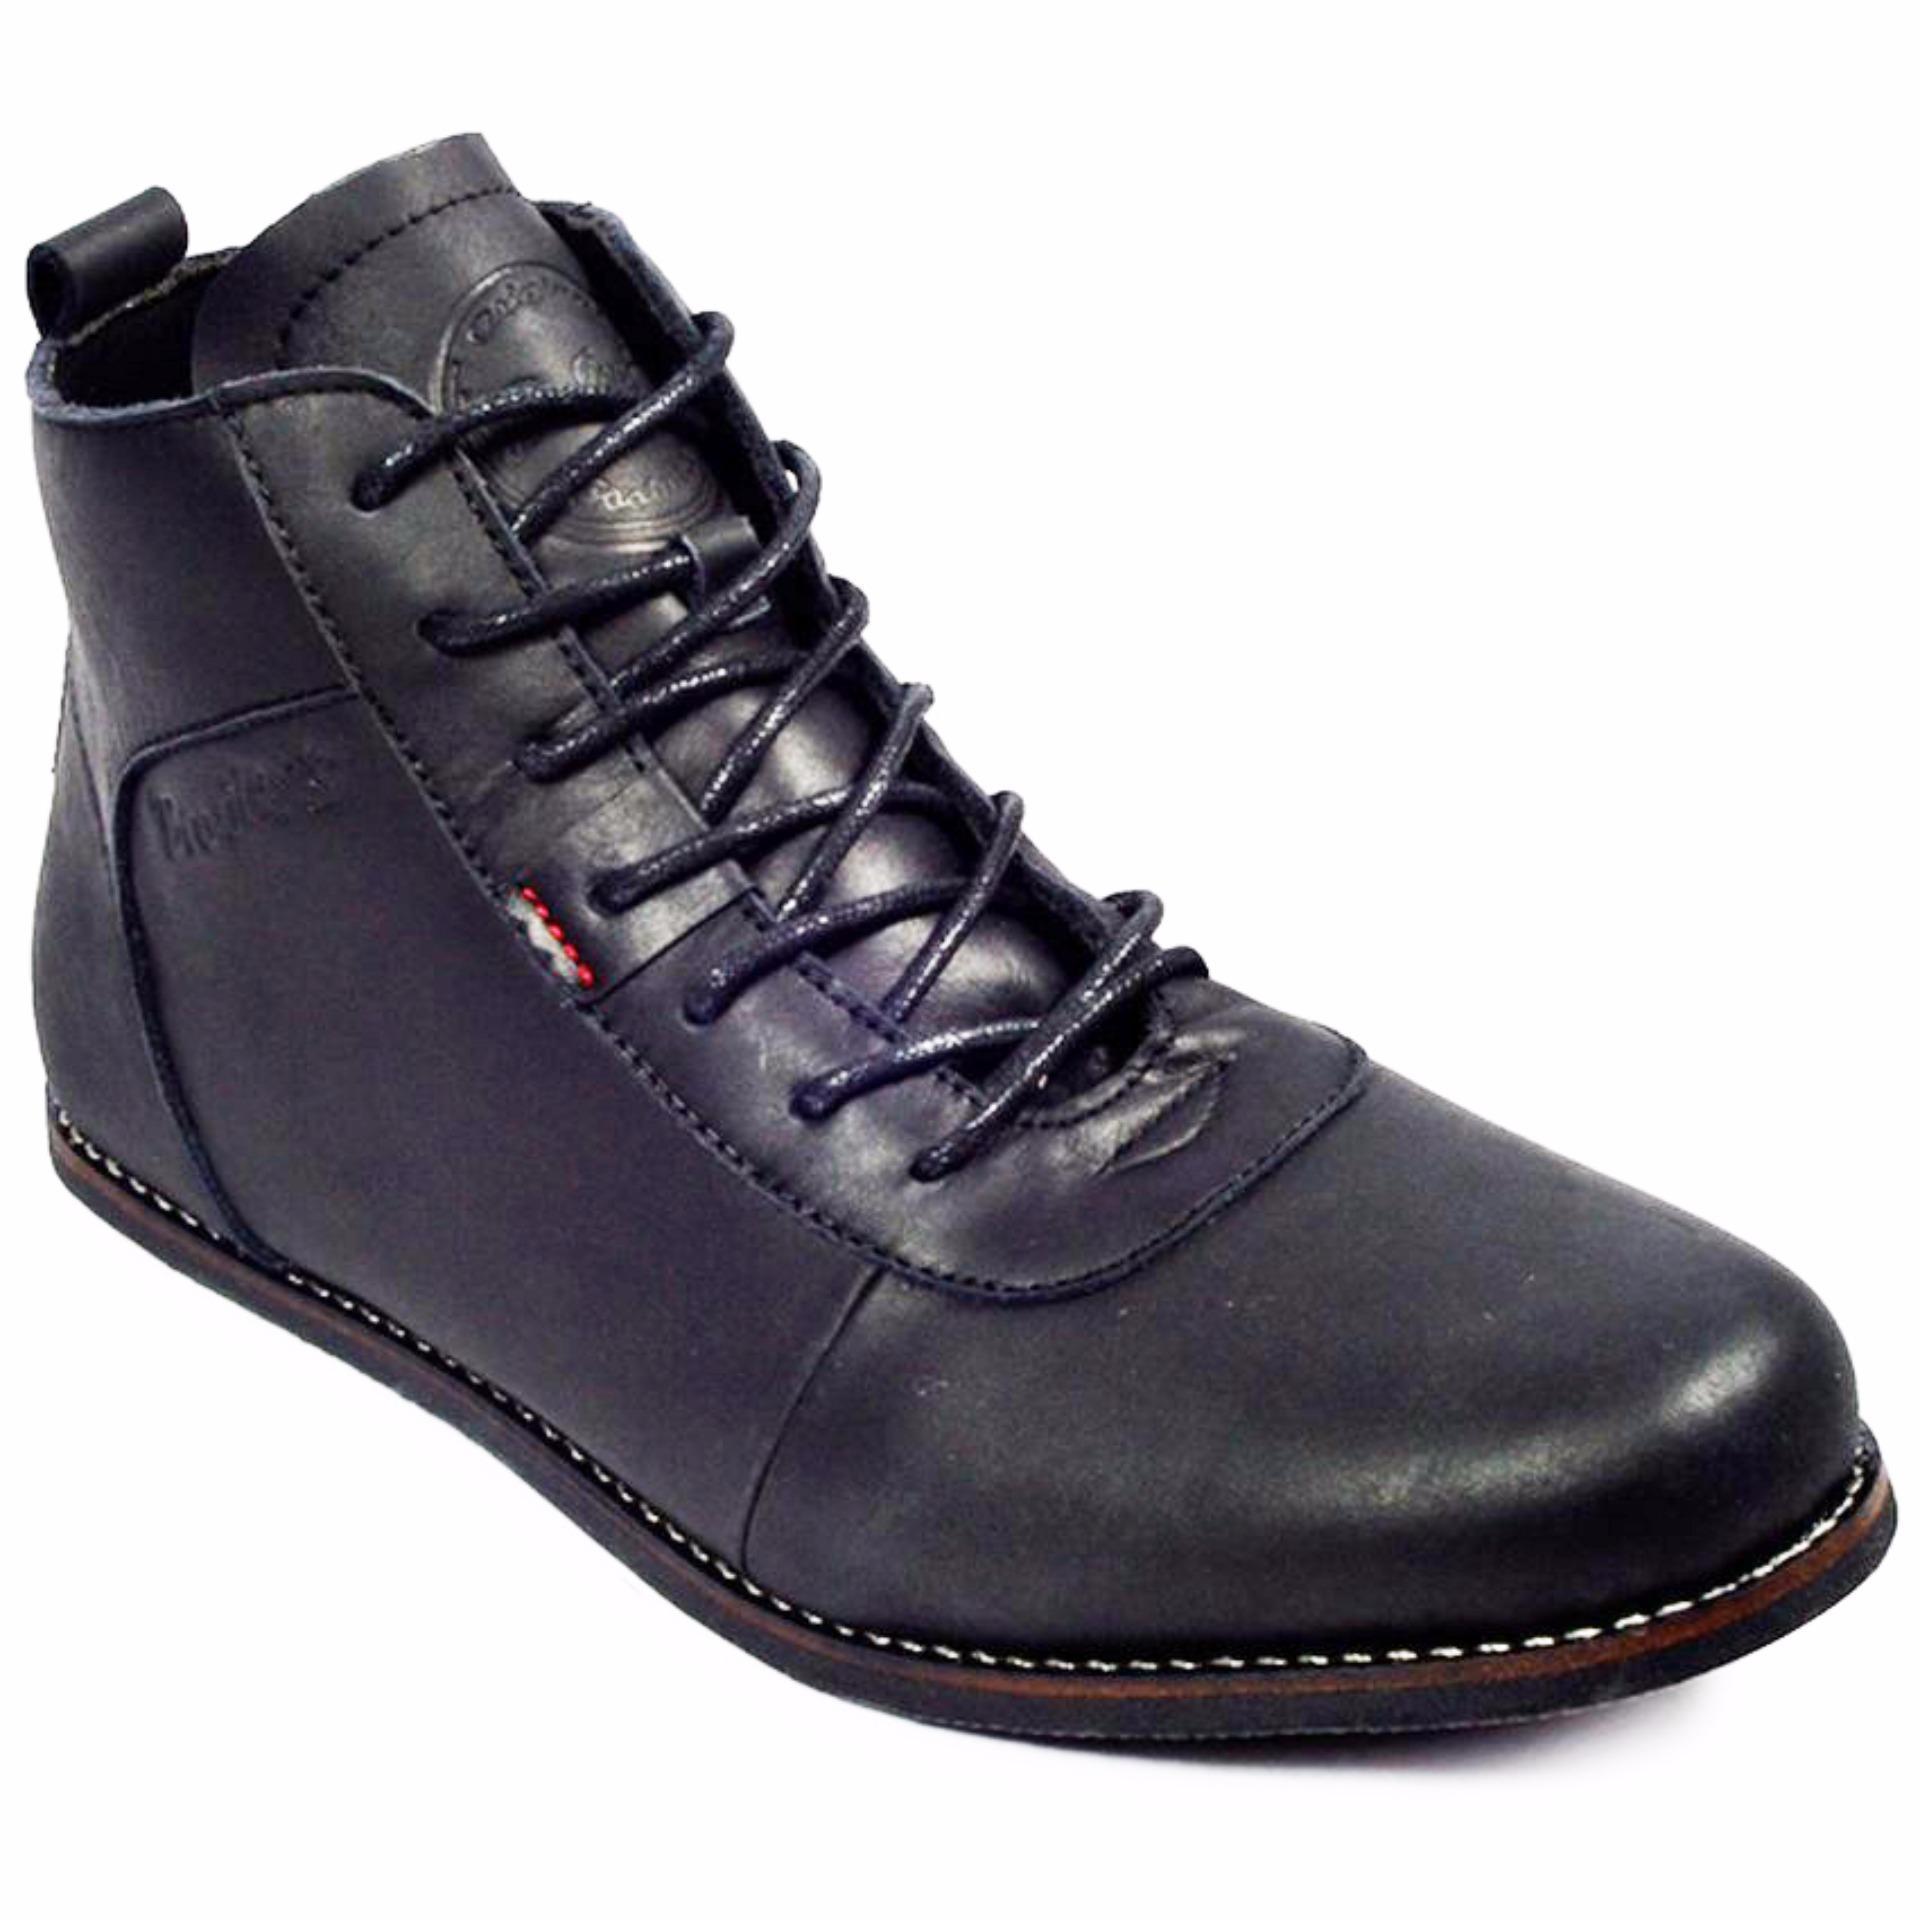 Sepatu Kulit Pria Bradleys Aerudite / Sepatu Kulit Boots / Sepatu Pria Keren Termurah Sekelas Brodo